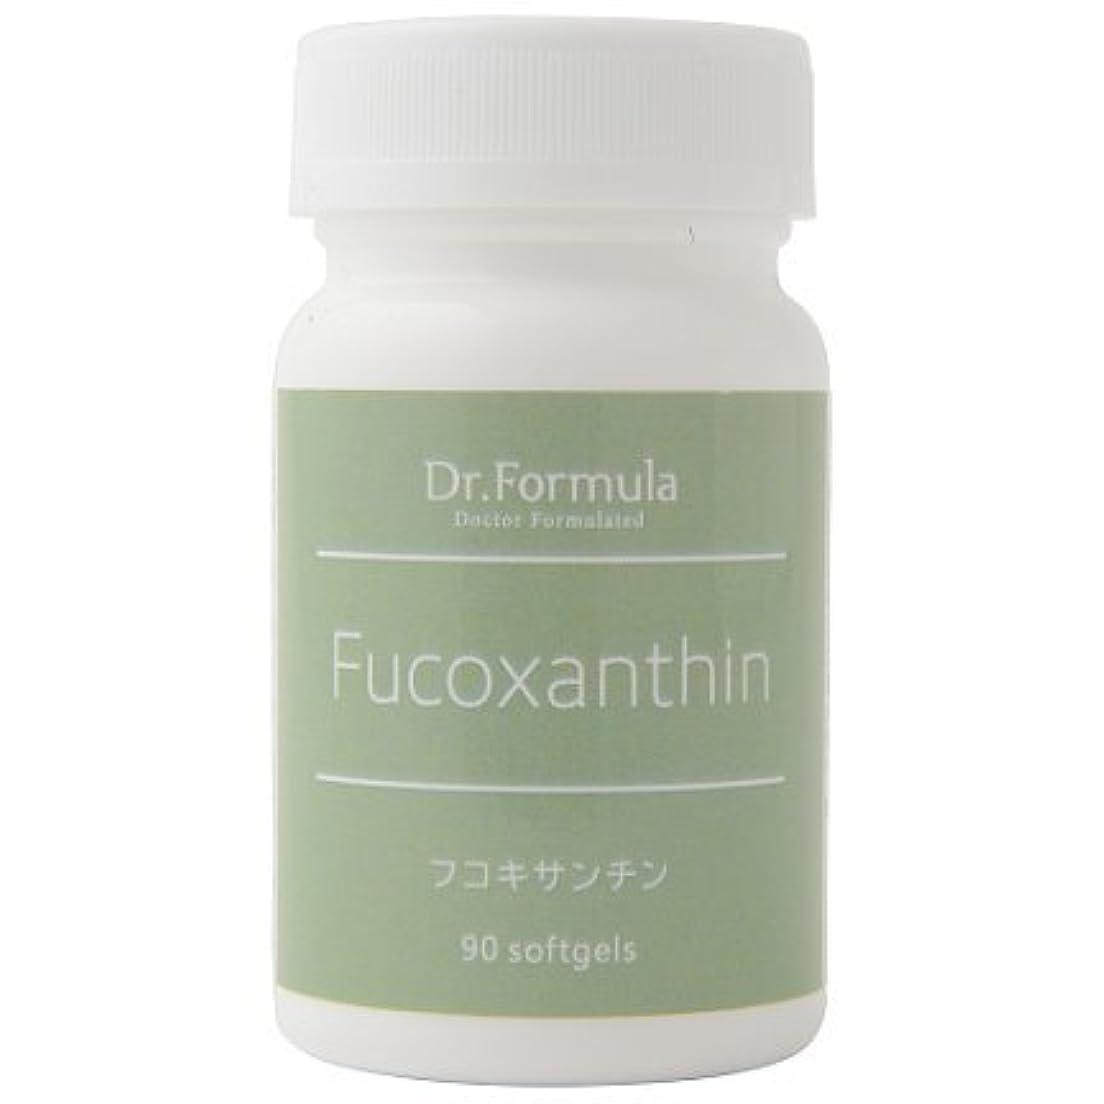 パイント静脈別れるDr.Formula フコキサンチン(テレビで話題の希少成分) 30日分 90粒 日本製 Fucoxanthin